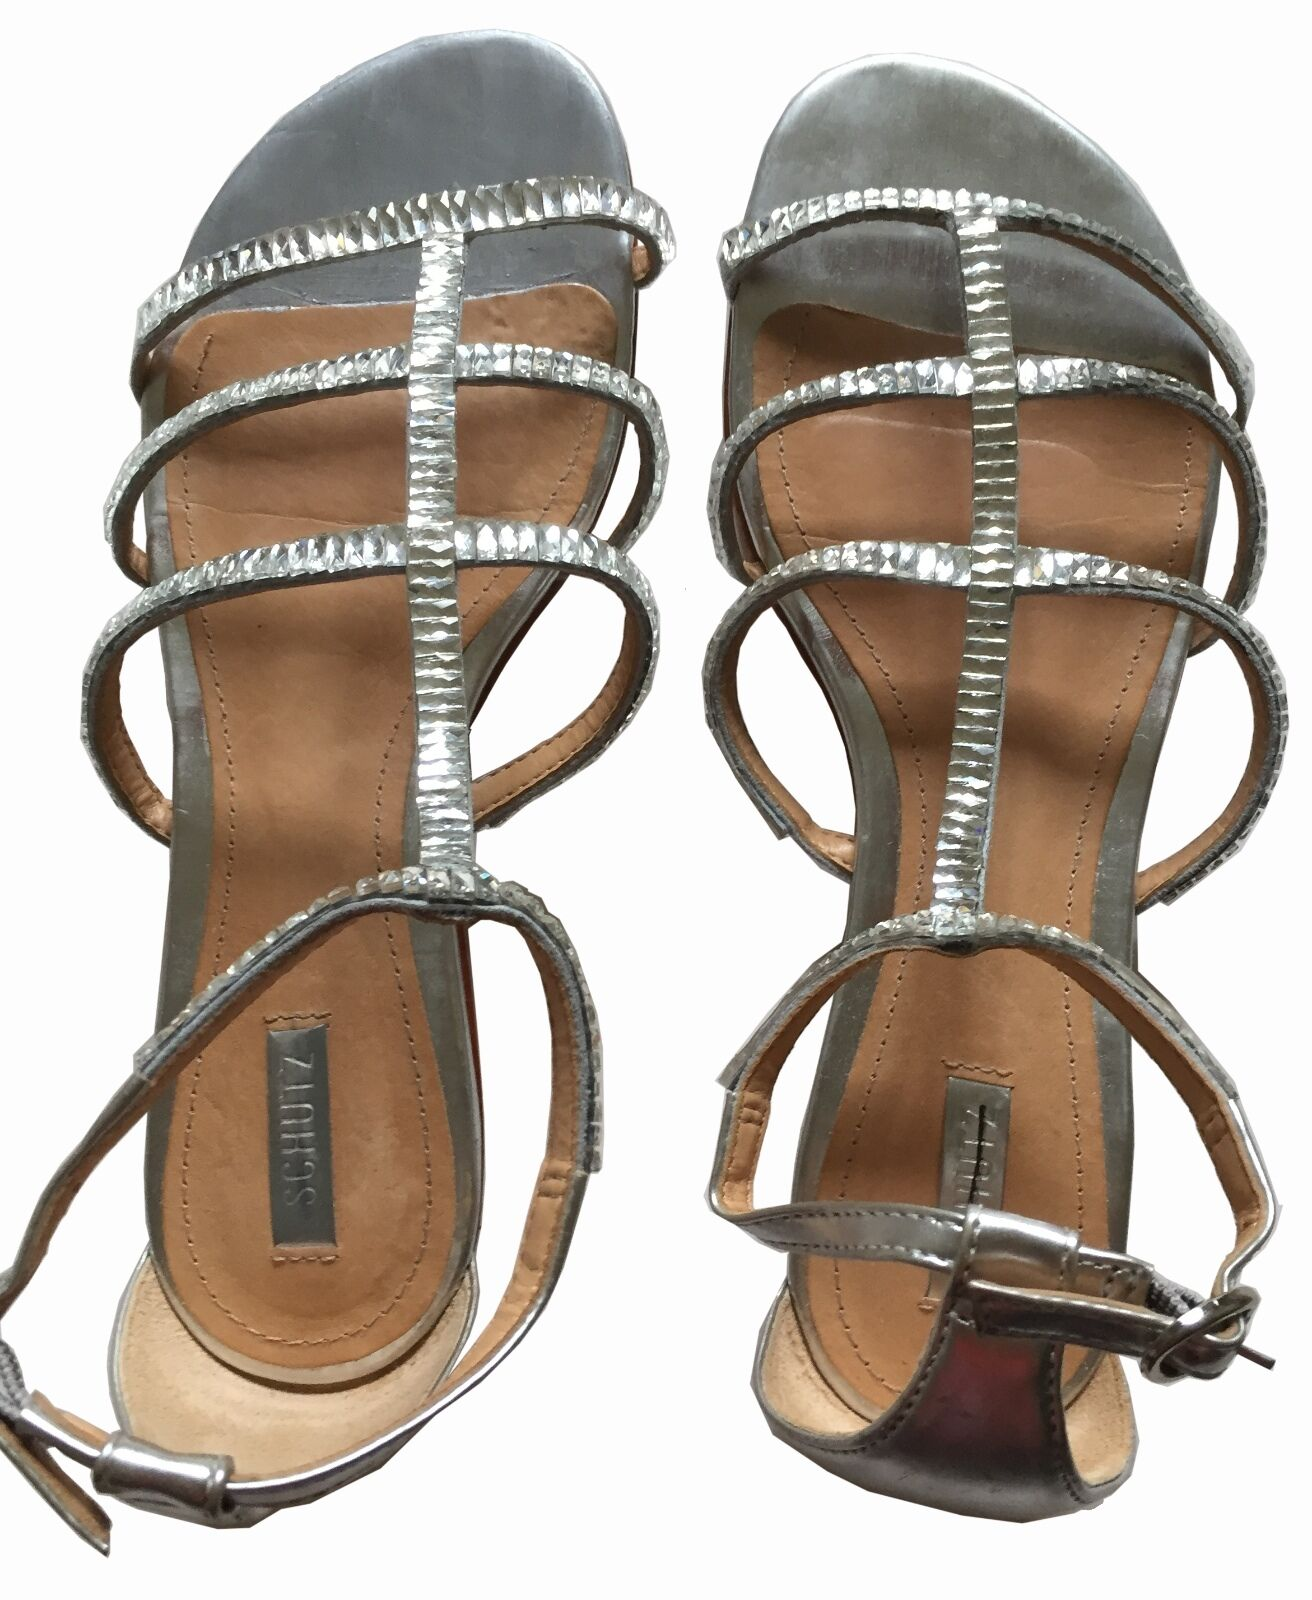 ANTHROPOLOGIE SCHUTZ US 7 Silver Leather Sandals Rhinestone Ankle Strap